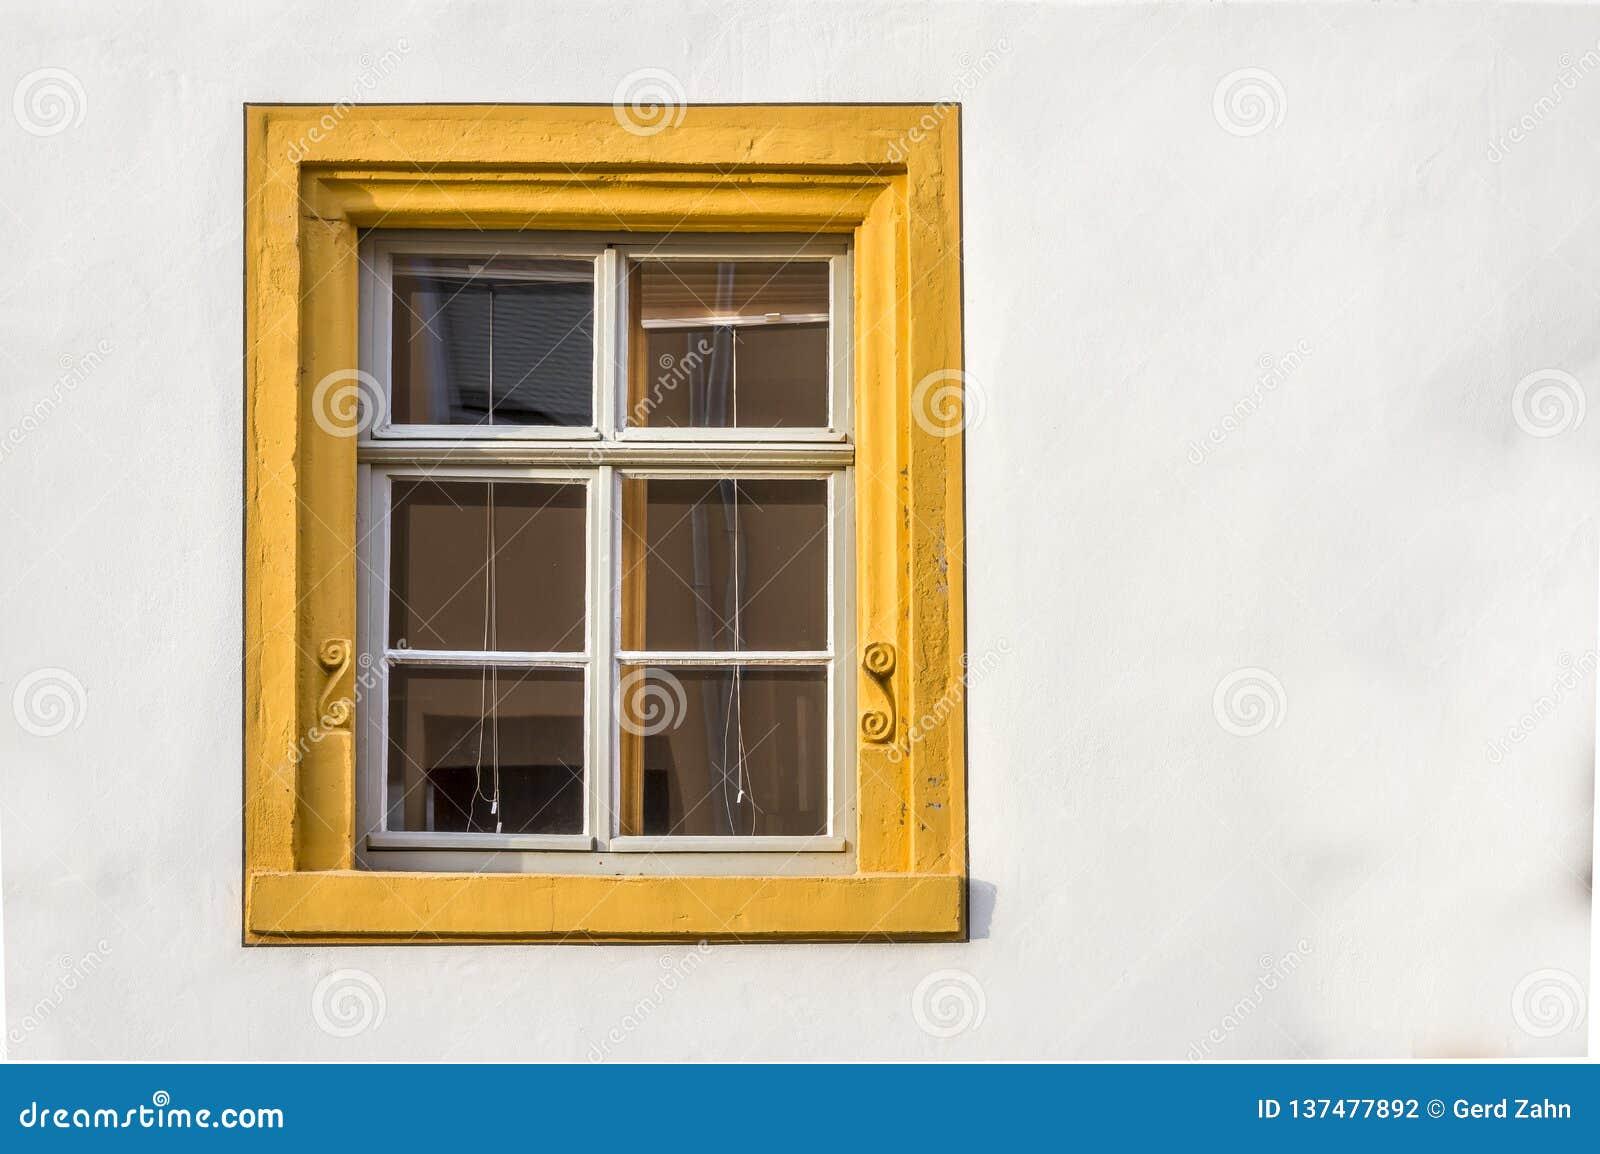 Encadrement De Fenetre Facade fenêtre d'une maison à colombage reconstituée en partie